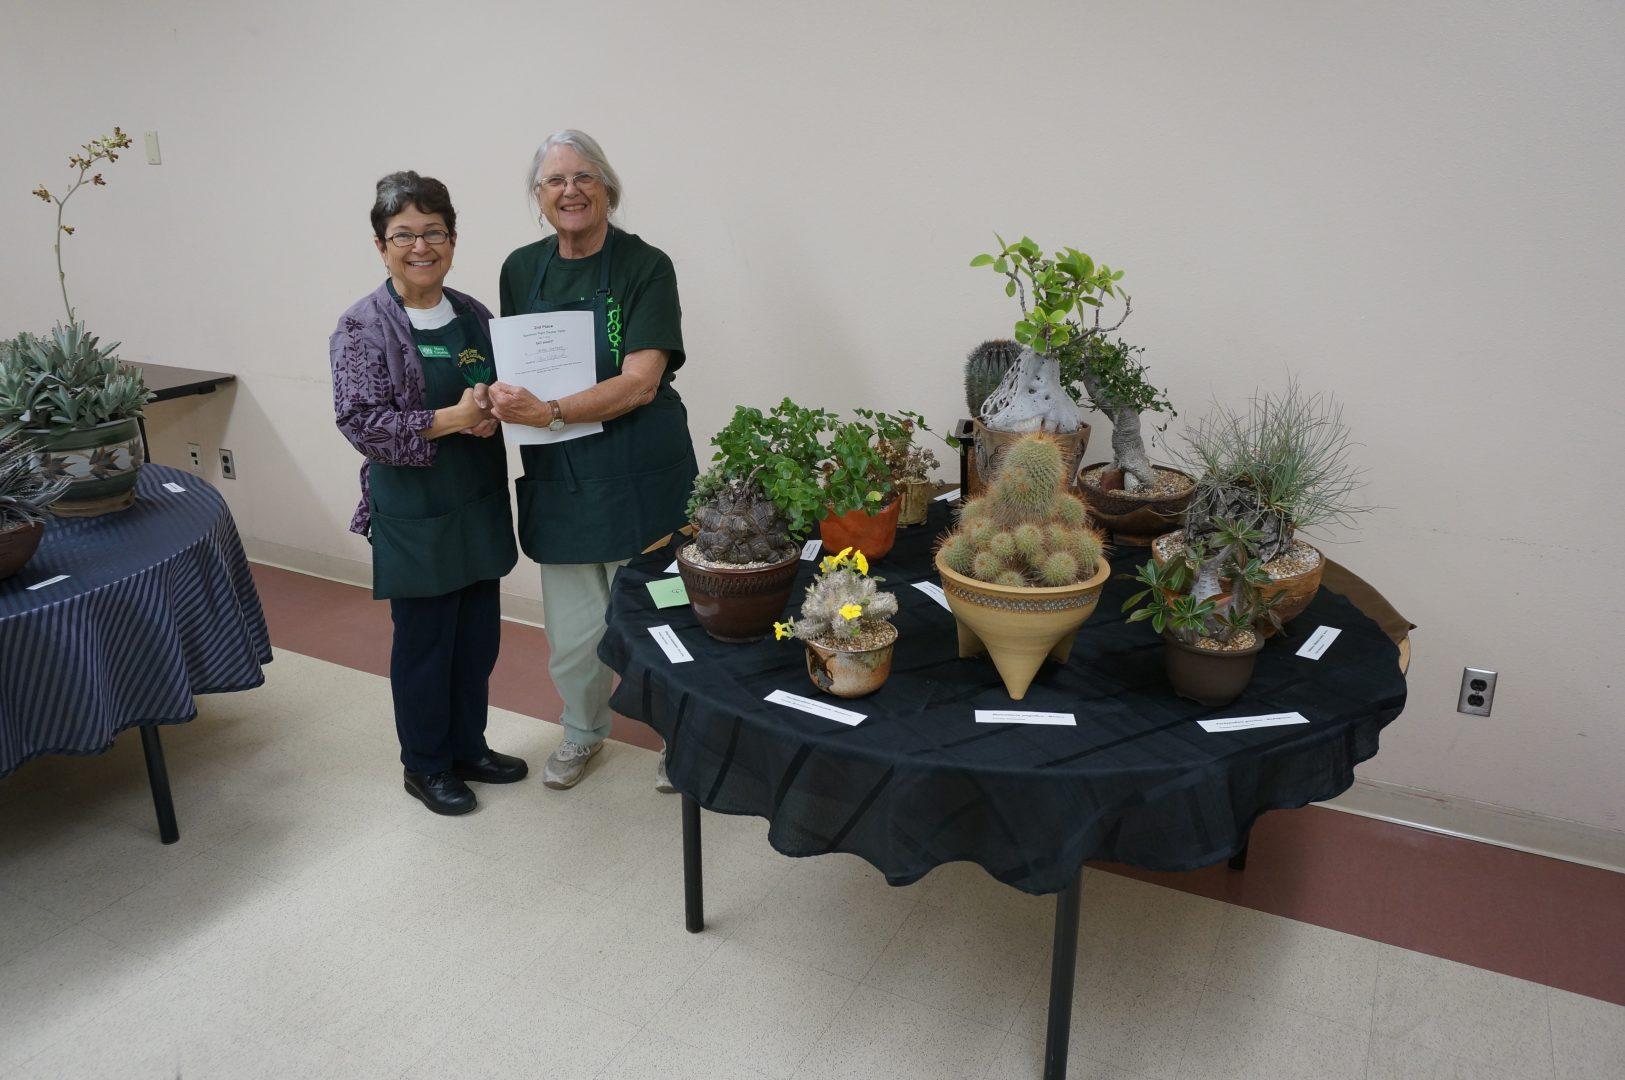 Laurel Woodley - 2nd prize Specimen table